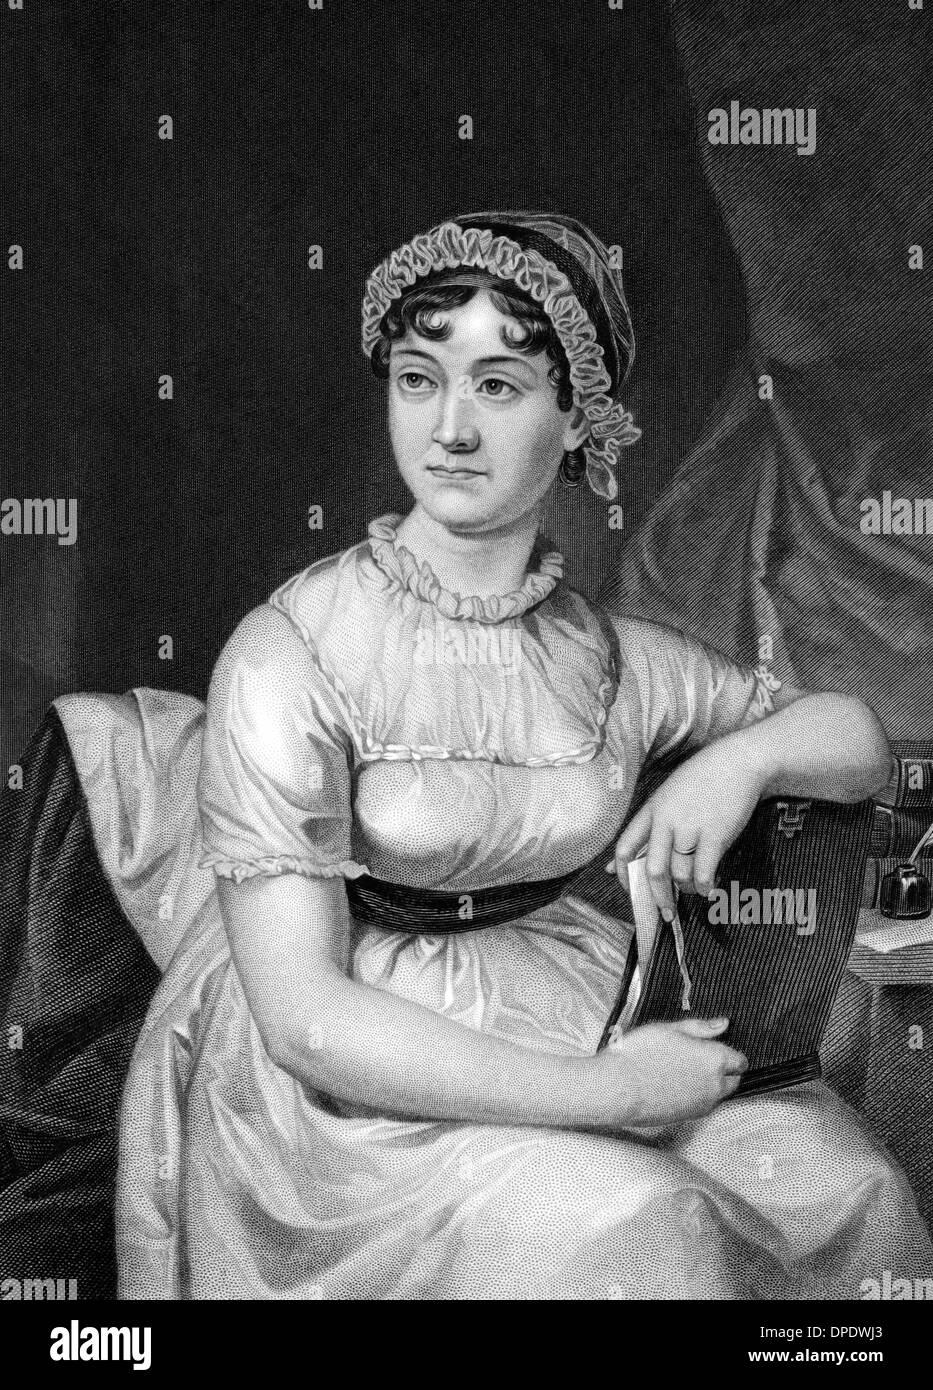 Jane Austen (1775-1817) sobre el grabado desde 1873. Novelista inglés. Imagen De Stock